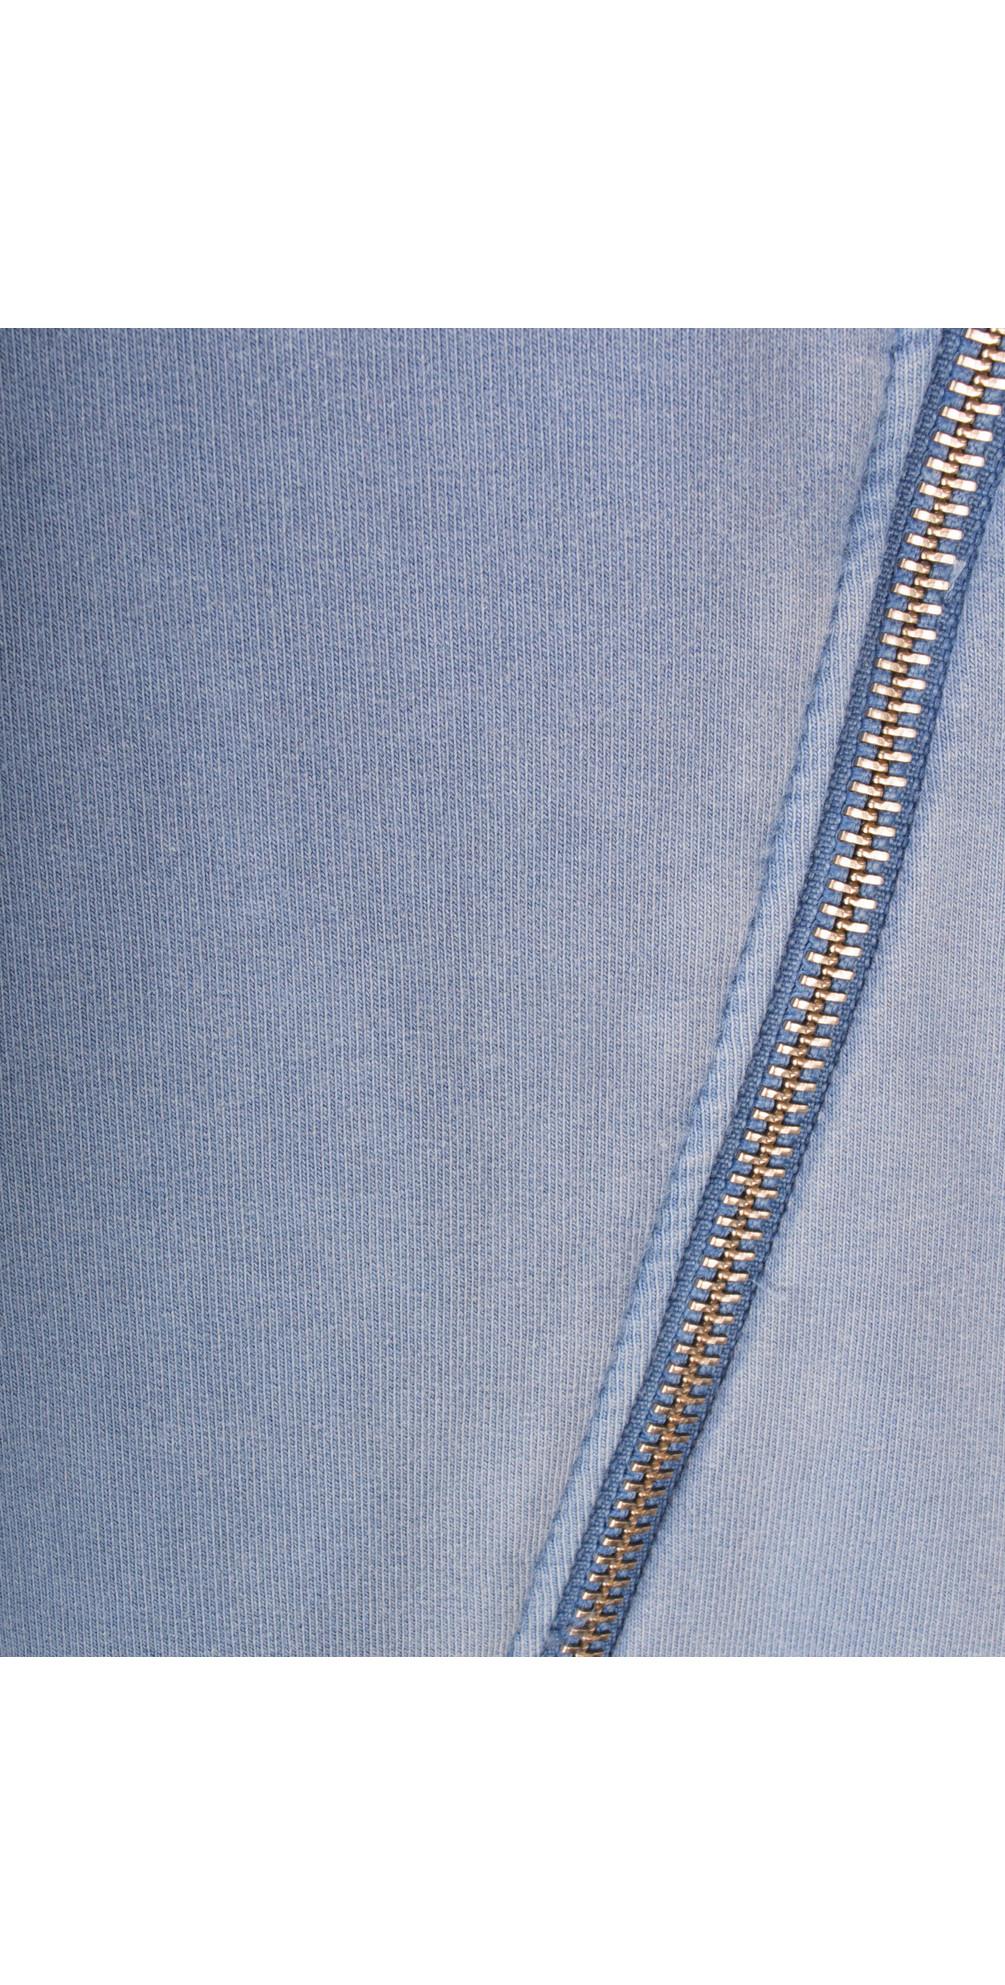 Longline Long Sleeve Jacket main image